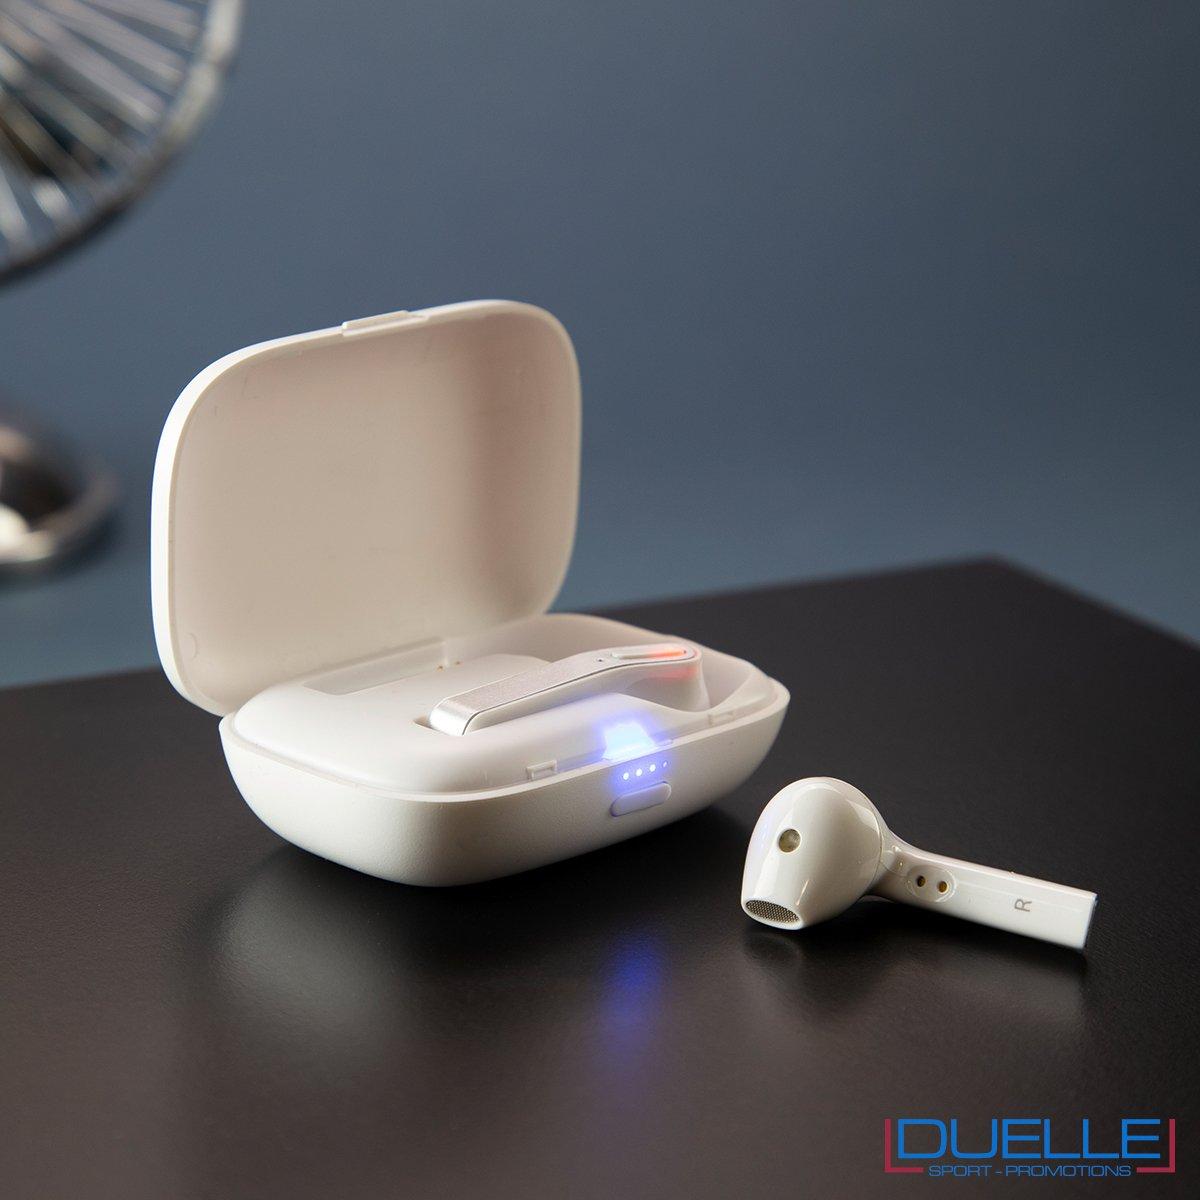 Auricolari personalizzati bluetooth senza fili ricaribili su base